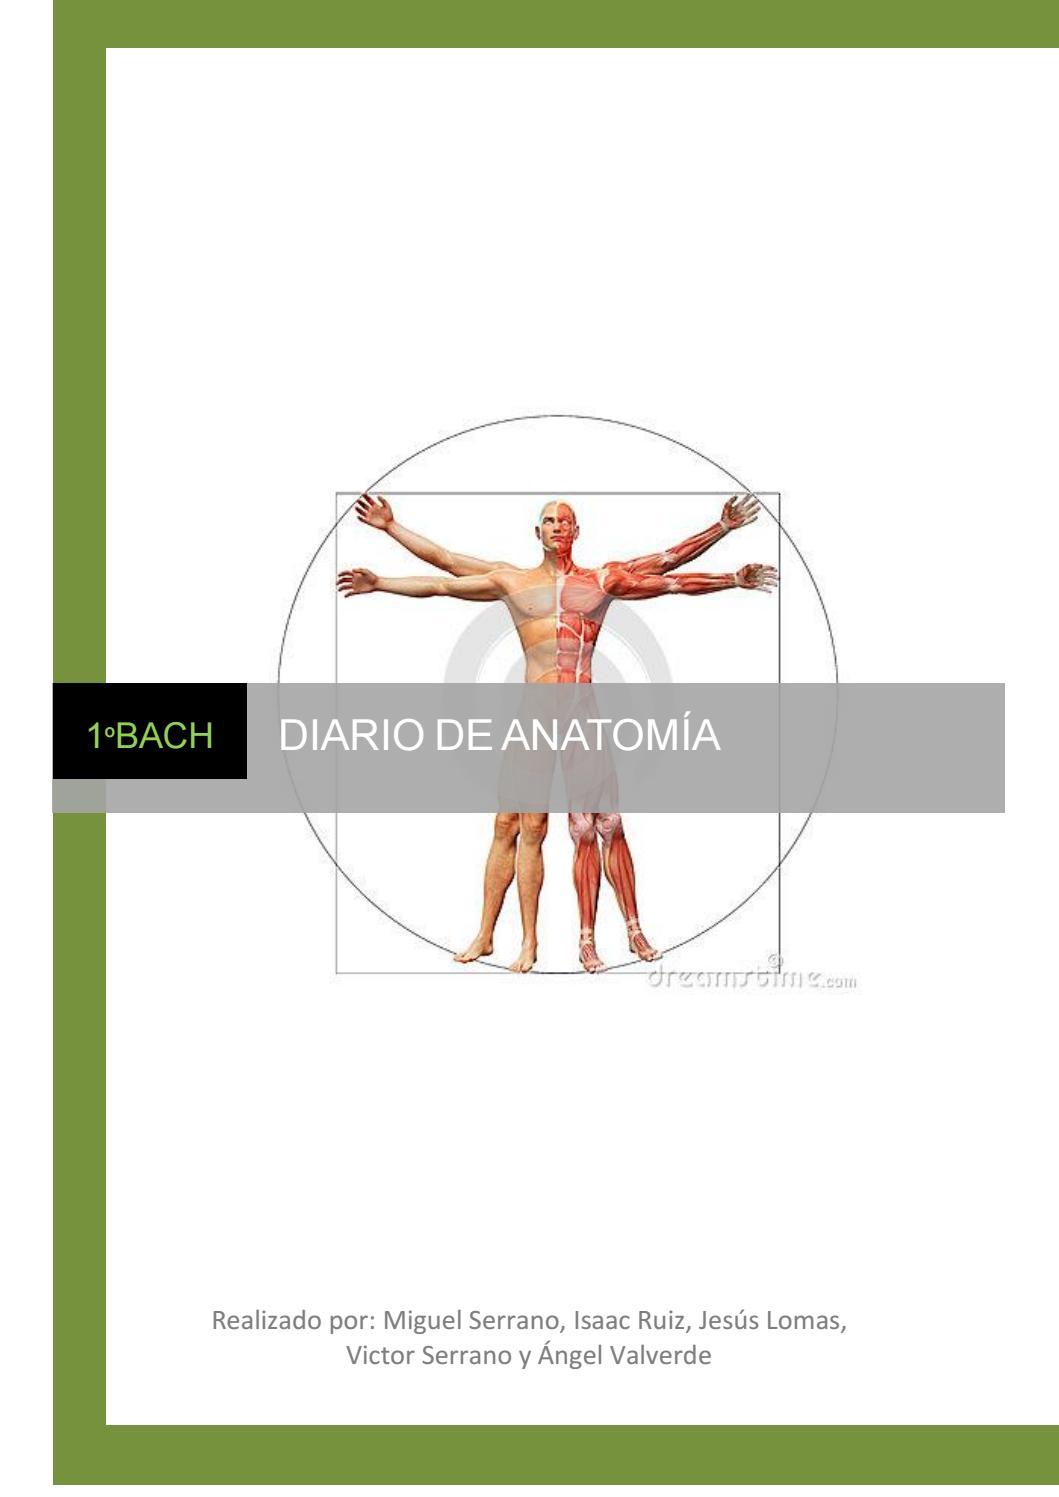 Diario de anatomía by Grupo anatomía - issuu